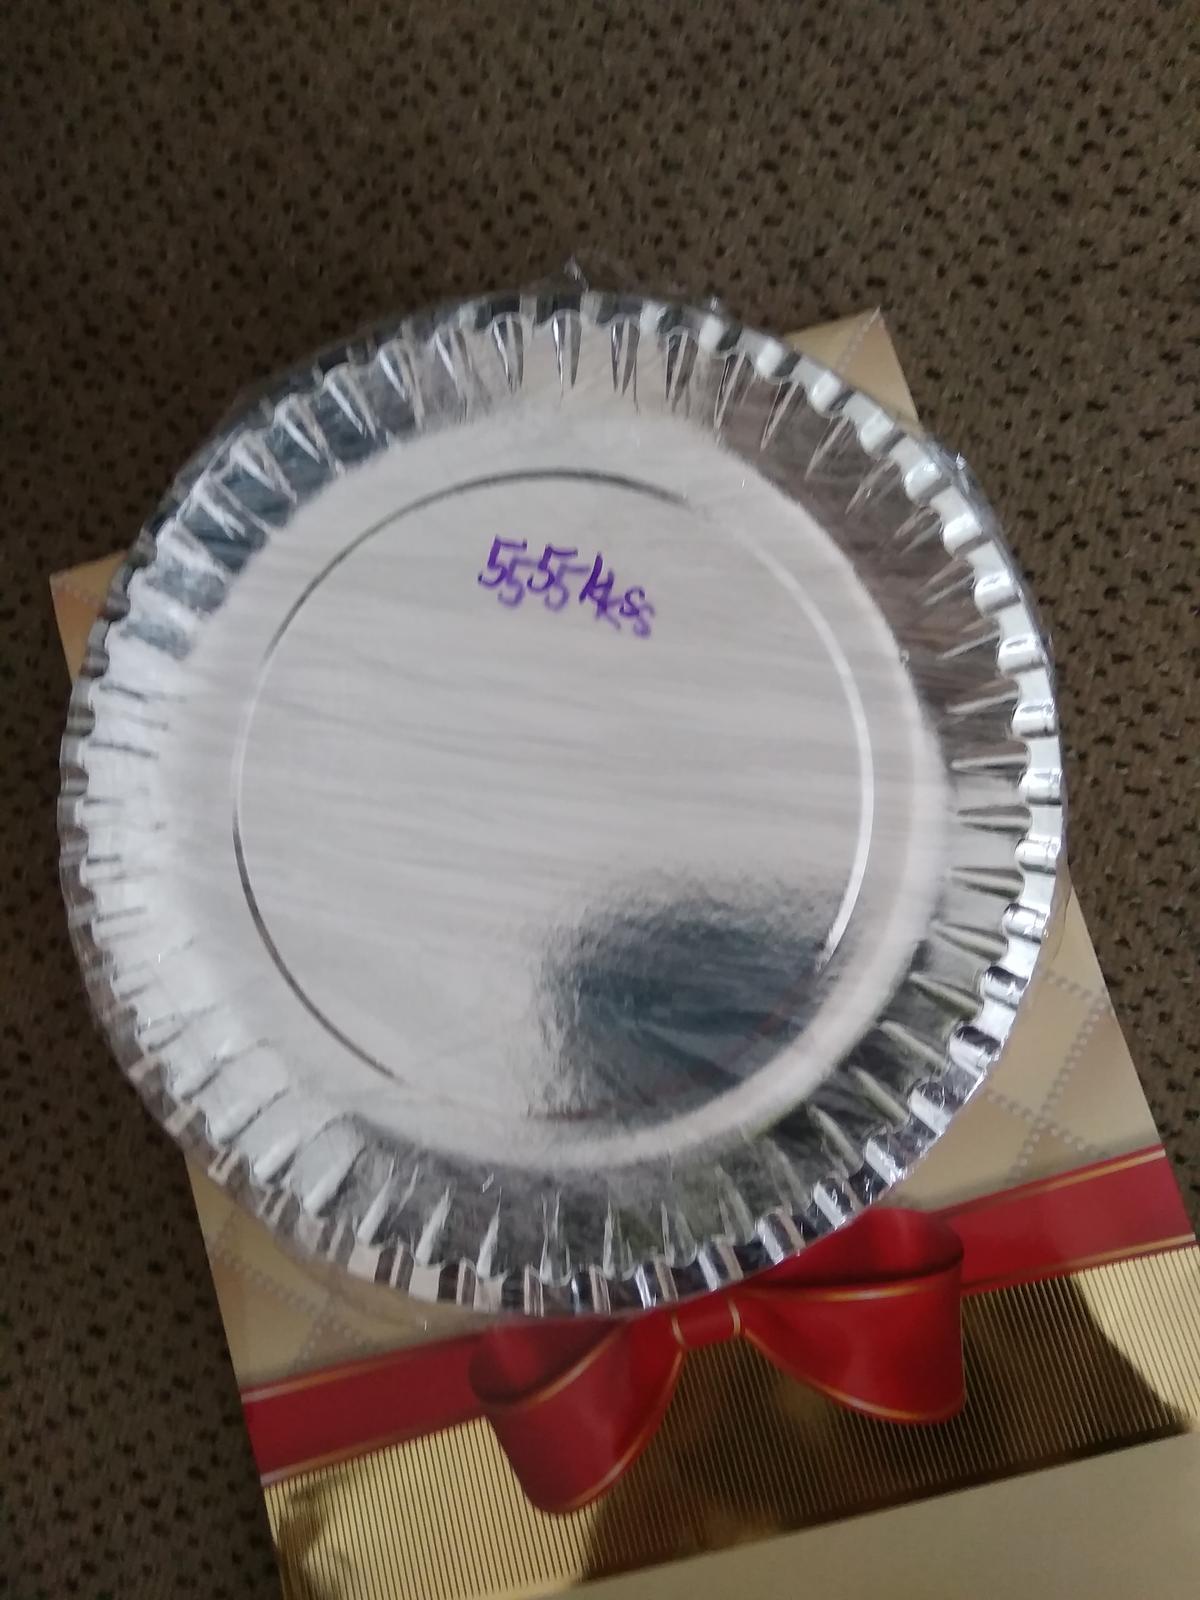 tácky kulaté stříbrné 22.5 cm, 55ks - Obrázek č. 1